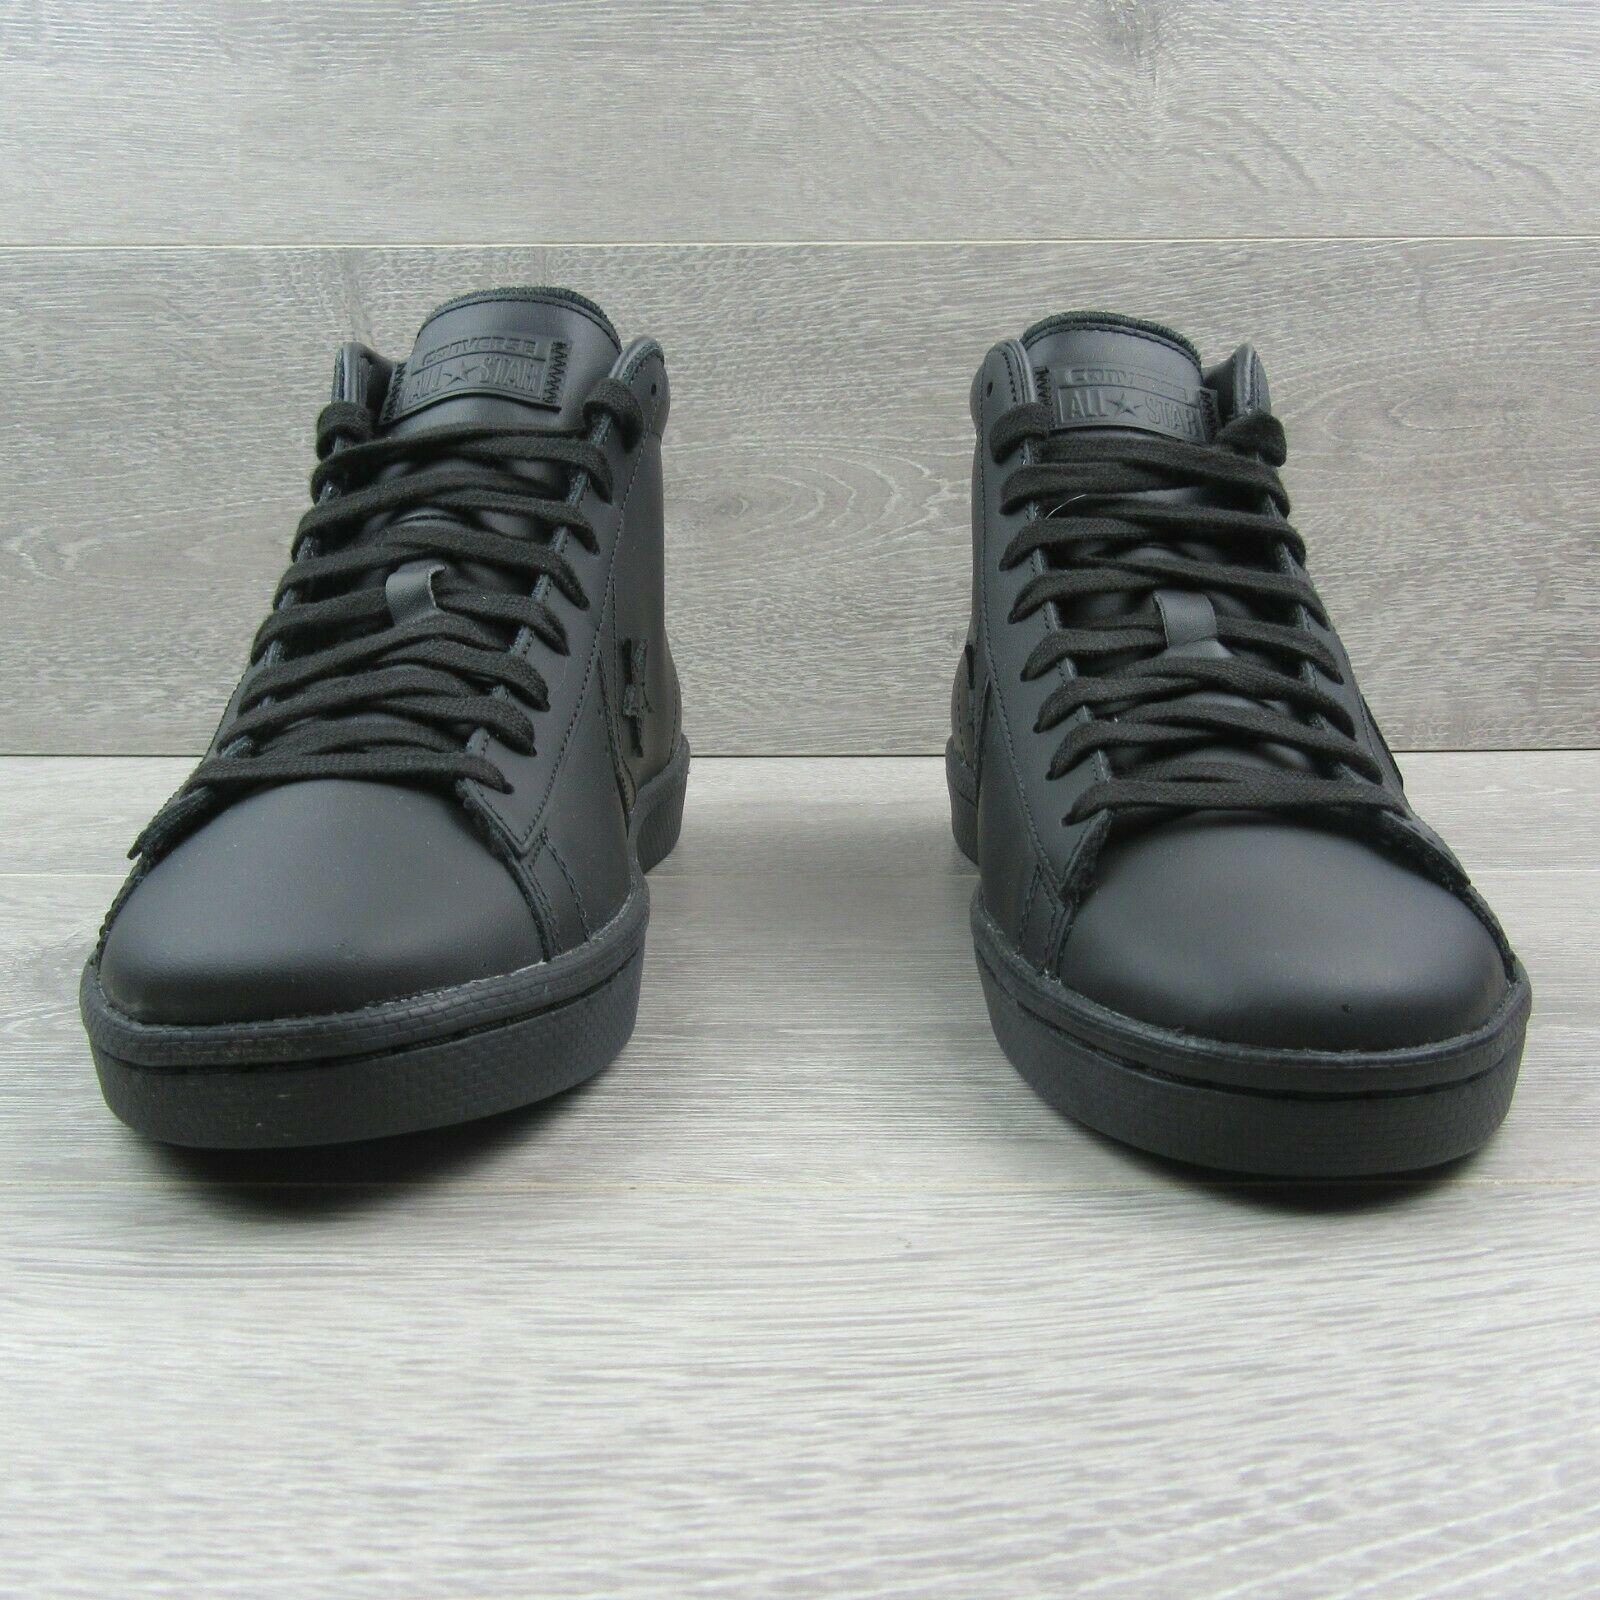 Converse PL 76 Mid Leather Top Size 11 Mens Triple Black Lunarlon 155334C New